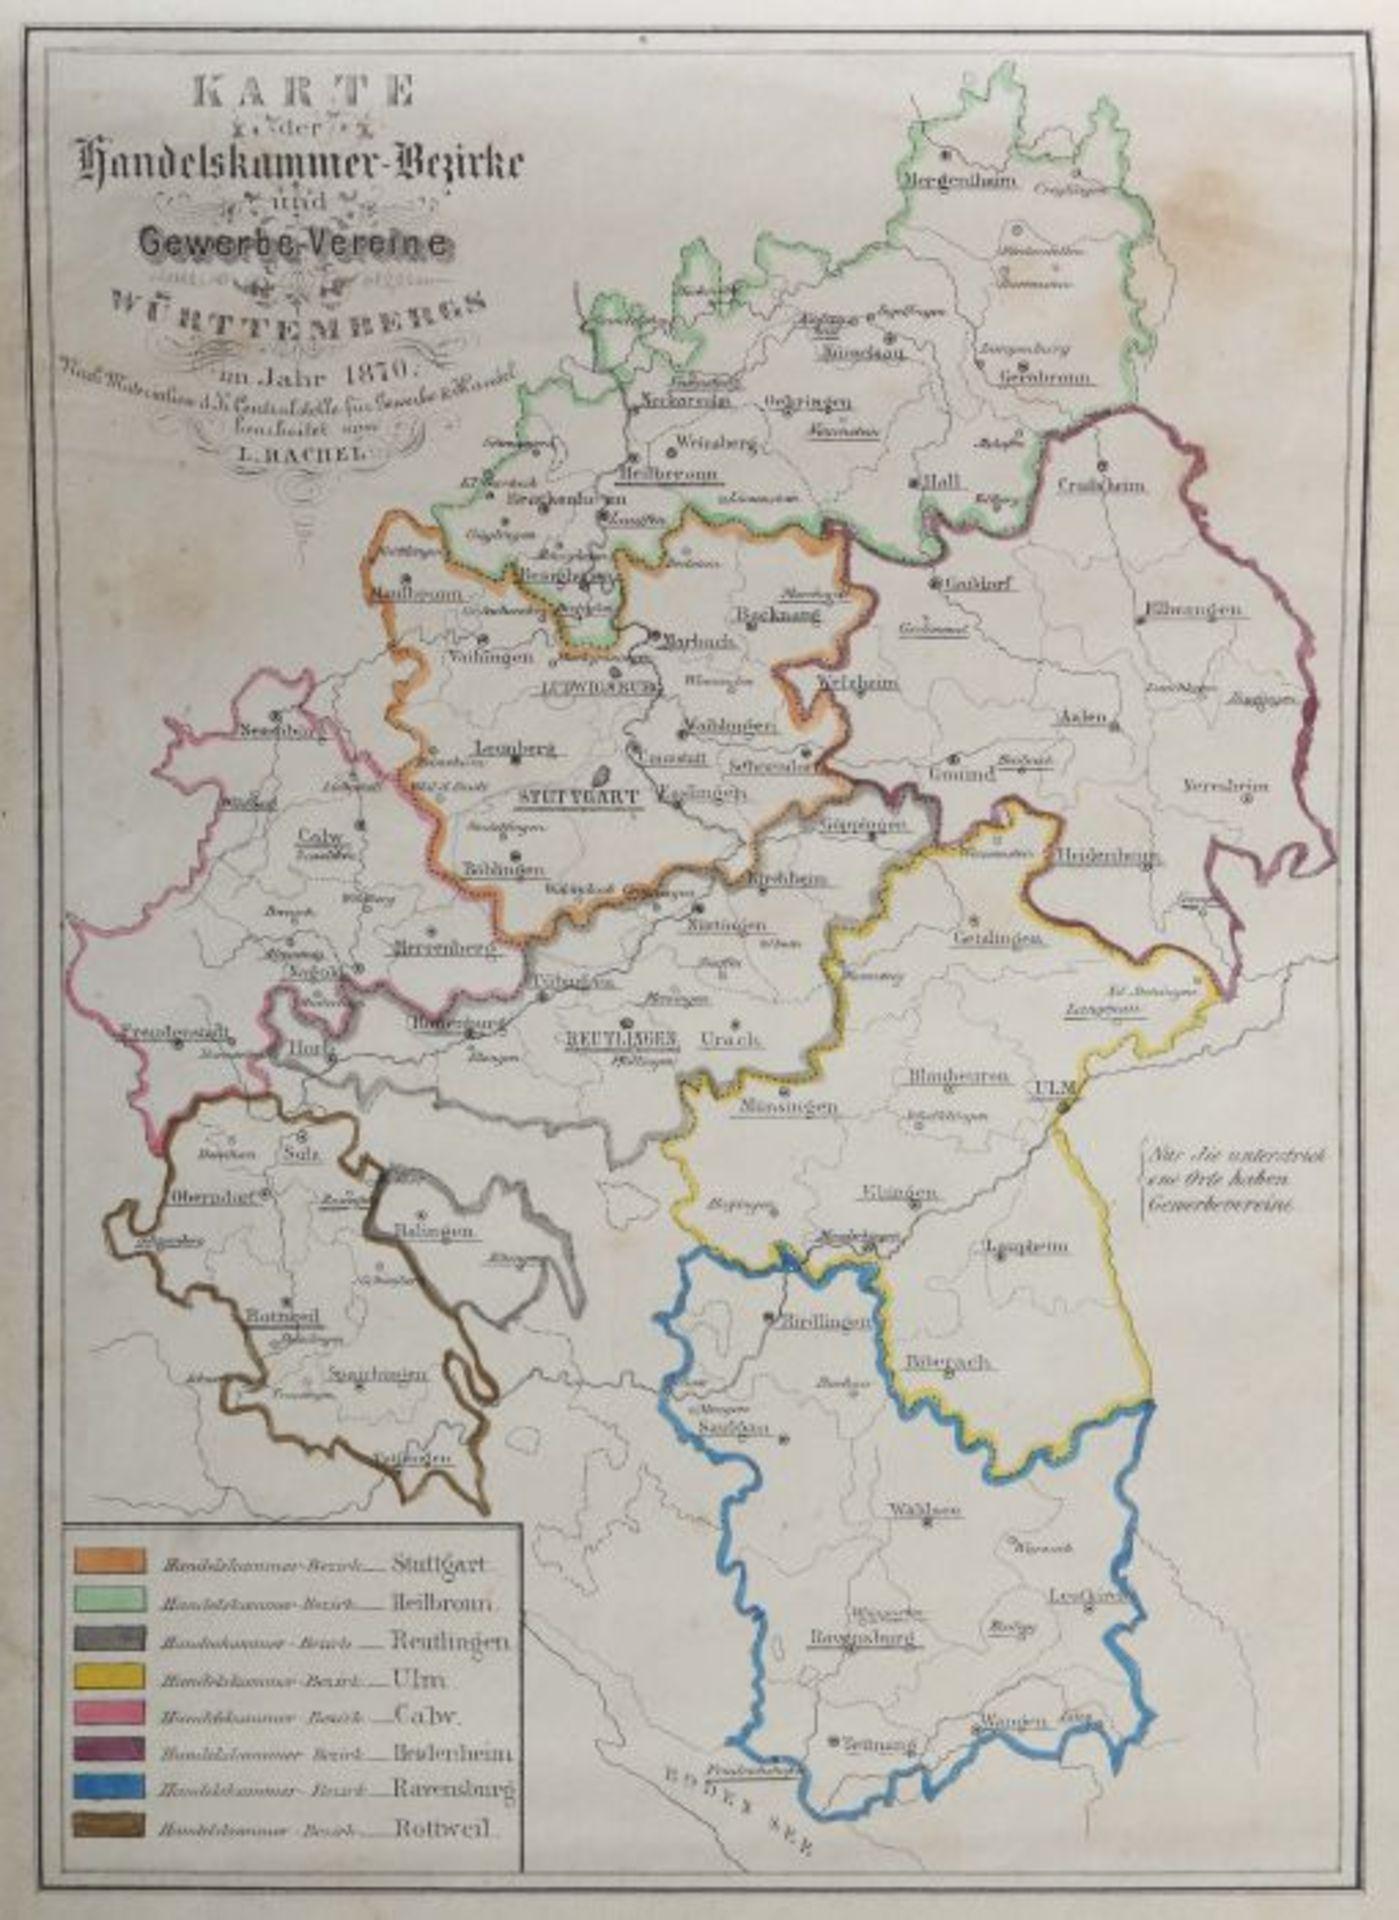 Rachel, Louis Illustrirter Atlas des Königreichs Württemnberg für Schule und Haus mit vielen Kart - Bild 6 aus 6